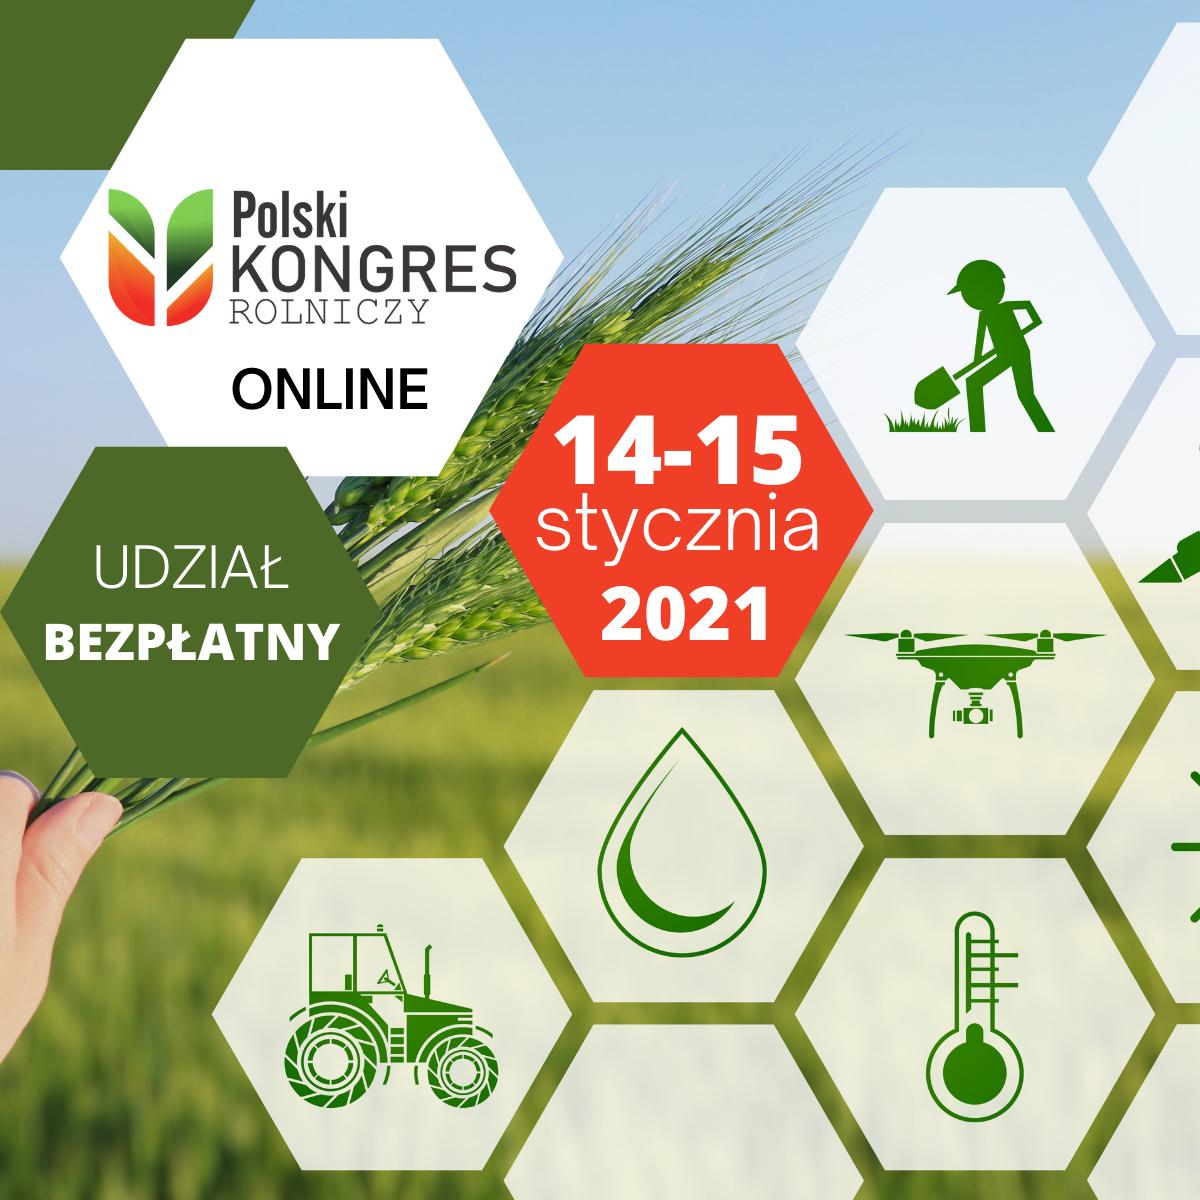 Polski Kongres Rolniczy online